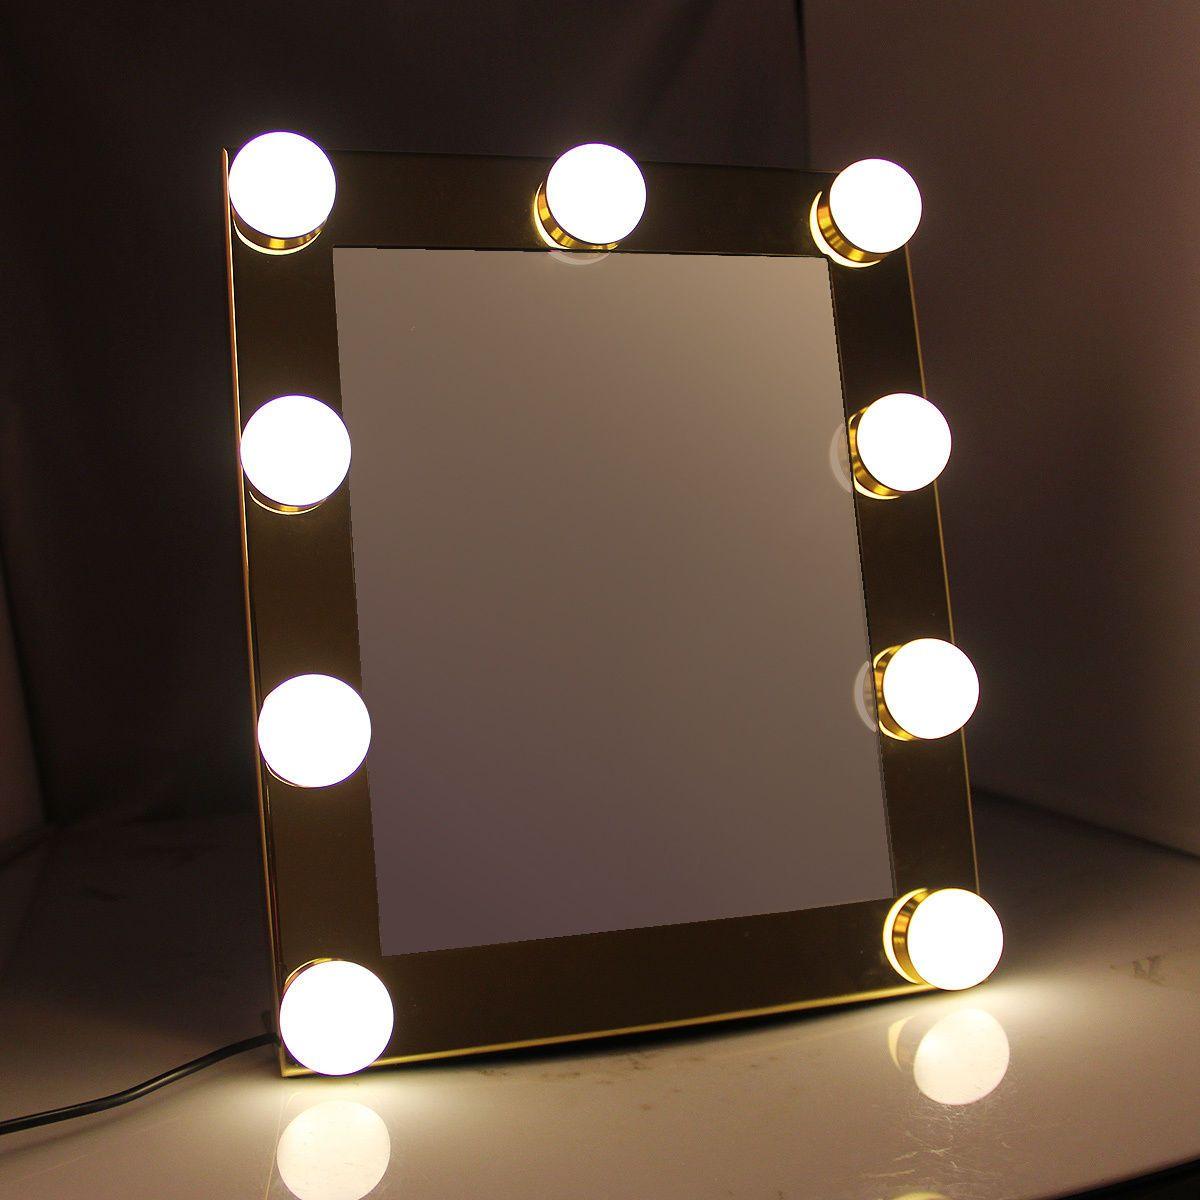 vanite plateaux de maquillage eclaire miroir avec 9 led ampoule lumieres tactile stade ecran beaute miroir cosmetique reglable outil 2017